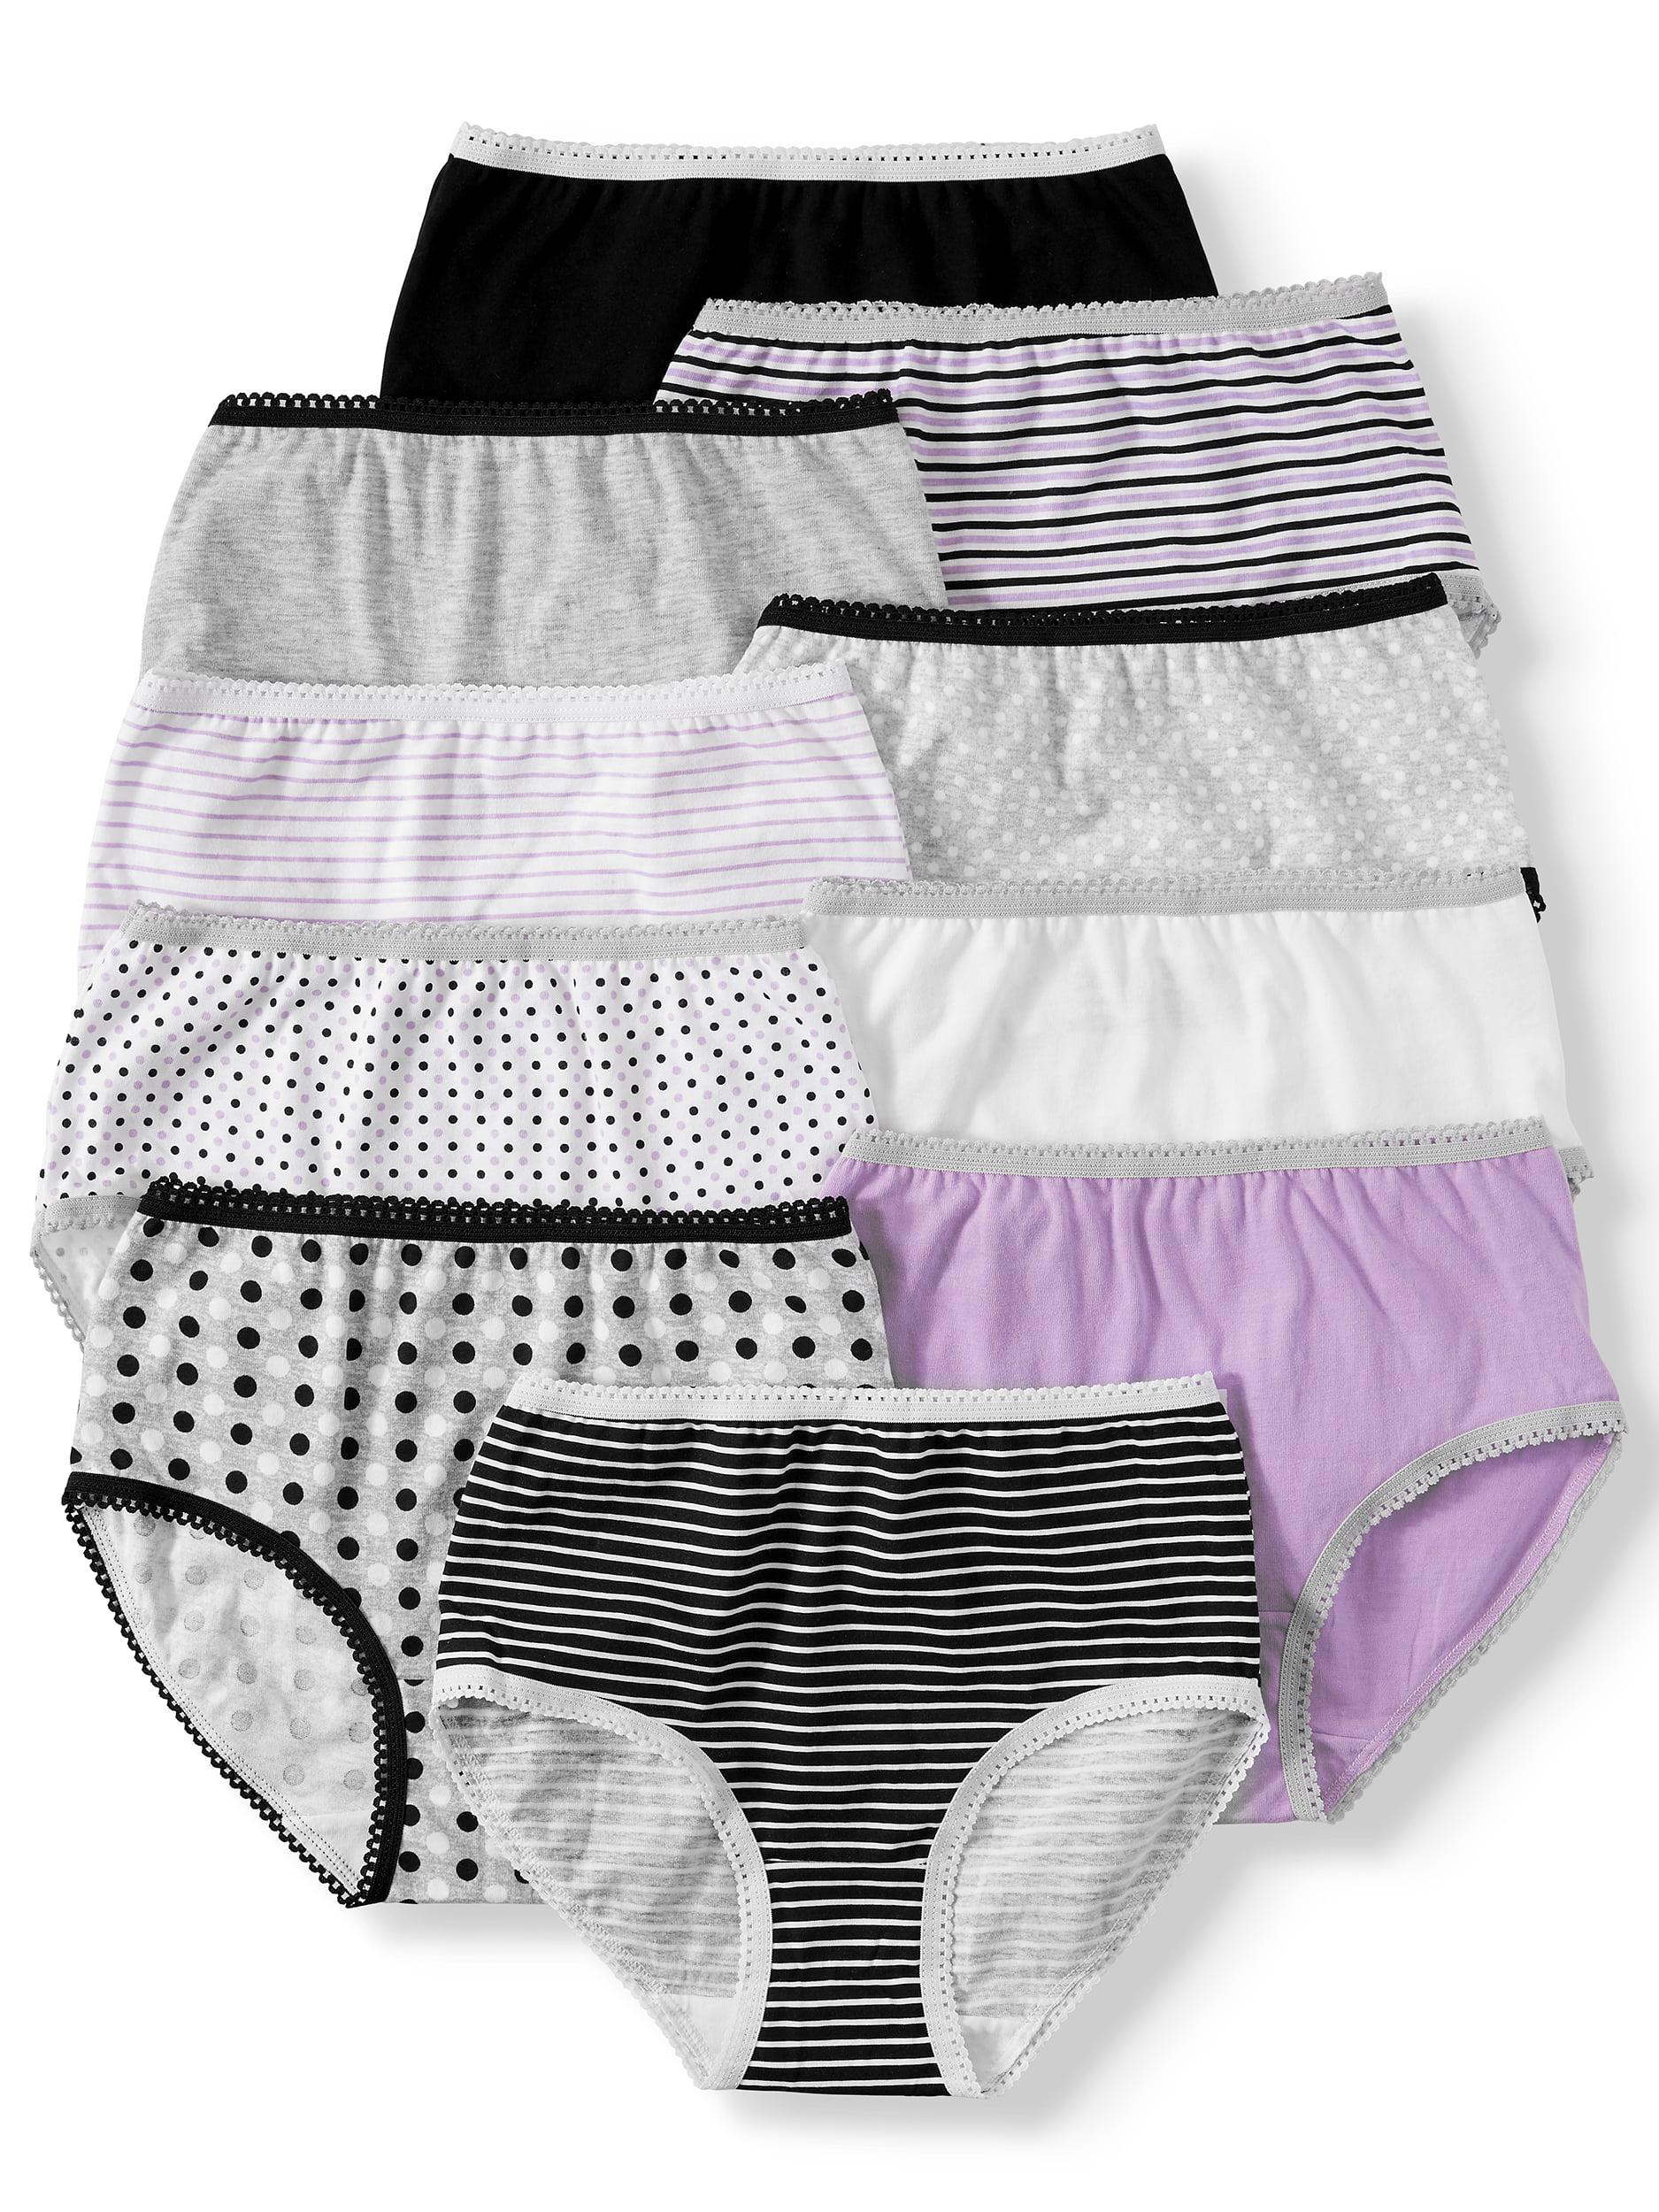 Wonder Nation Girls Brief Underwear, 10 Pack 100% Cotton Panties Sizes 4 - 16 & Plus